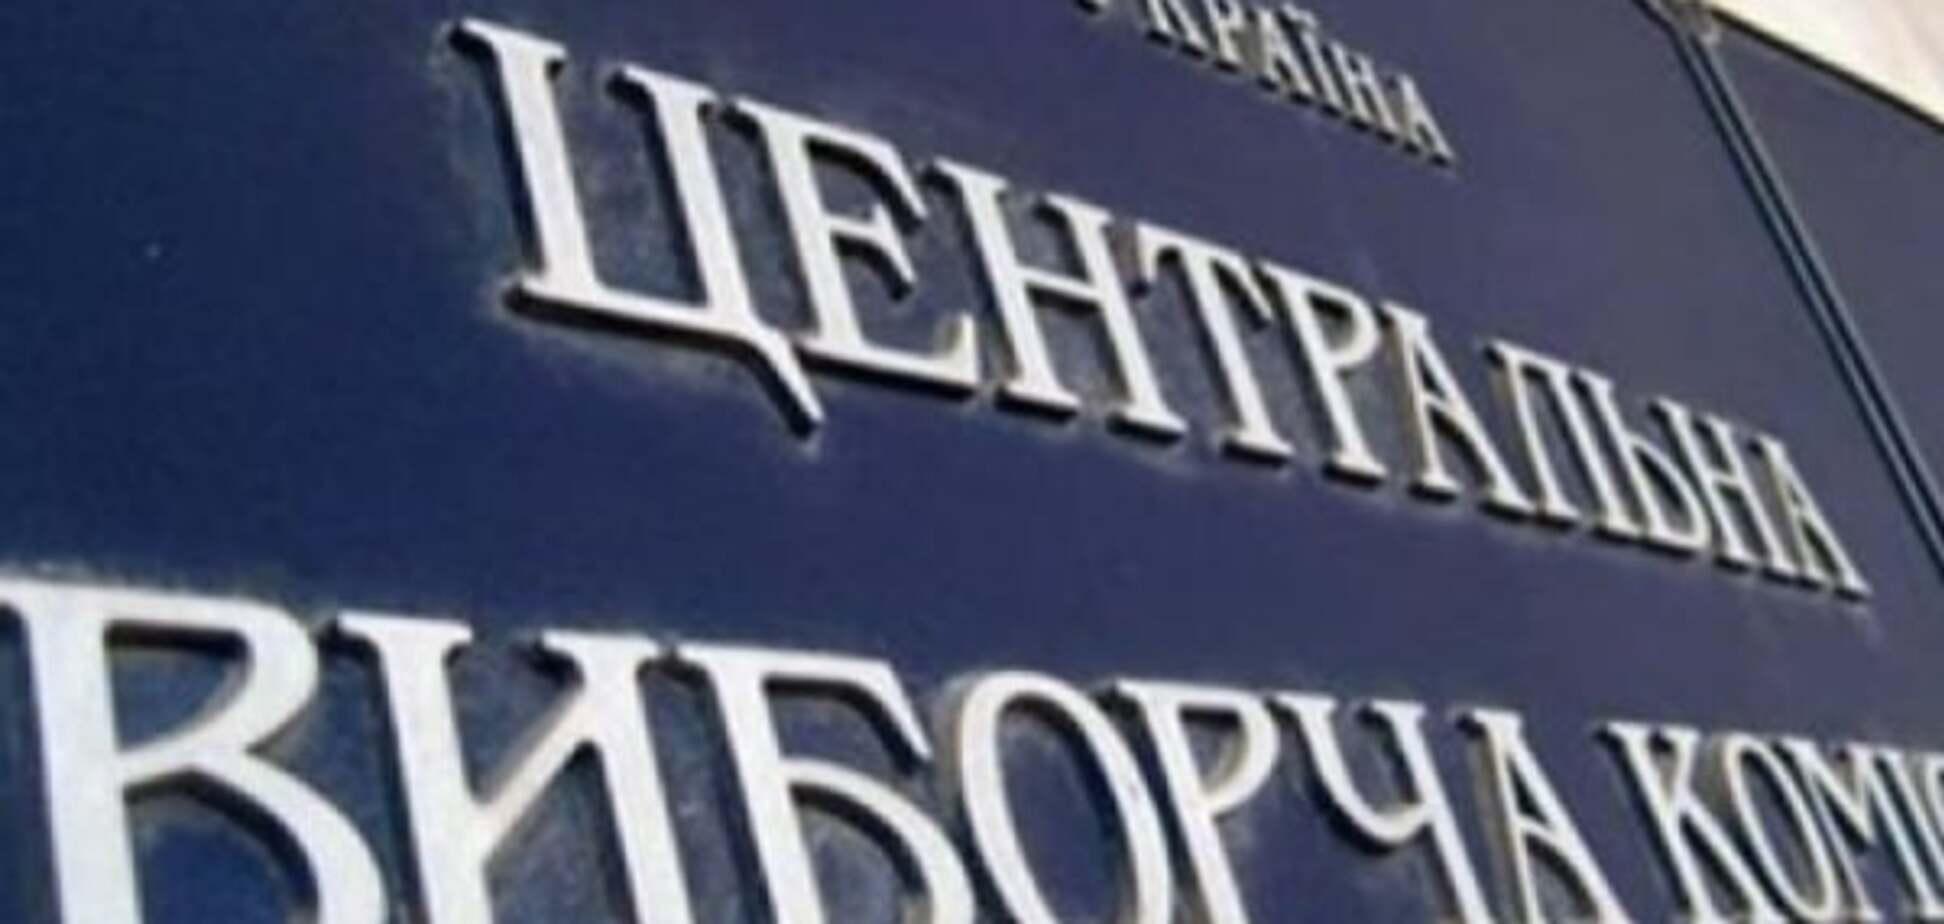 У Дніпропетровську за незаконну зміну членів ОВК зловмисникам загрожує 5 років в'язниці